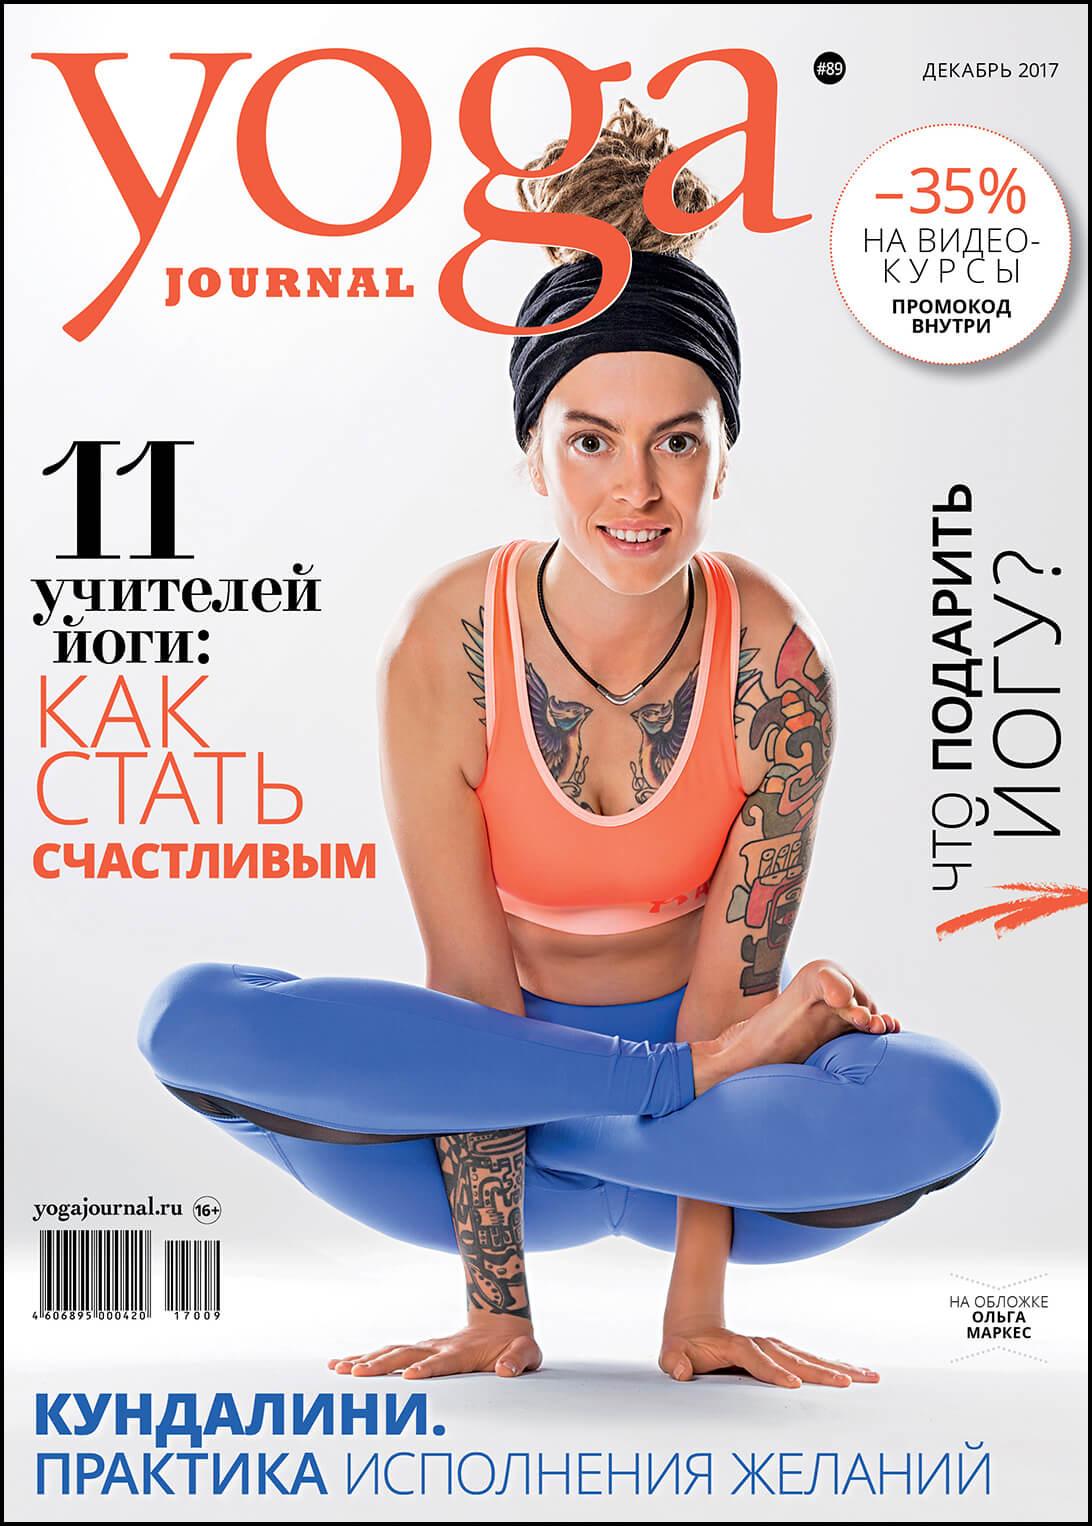 Оля Маркес йога одежда